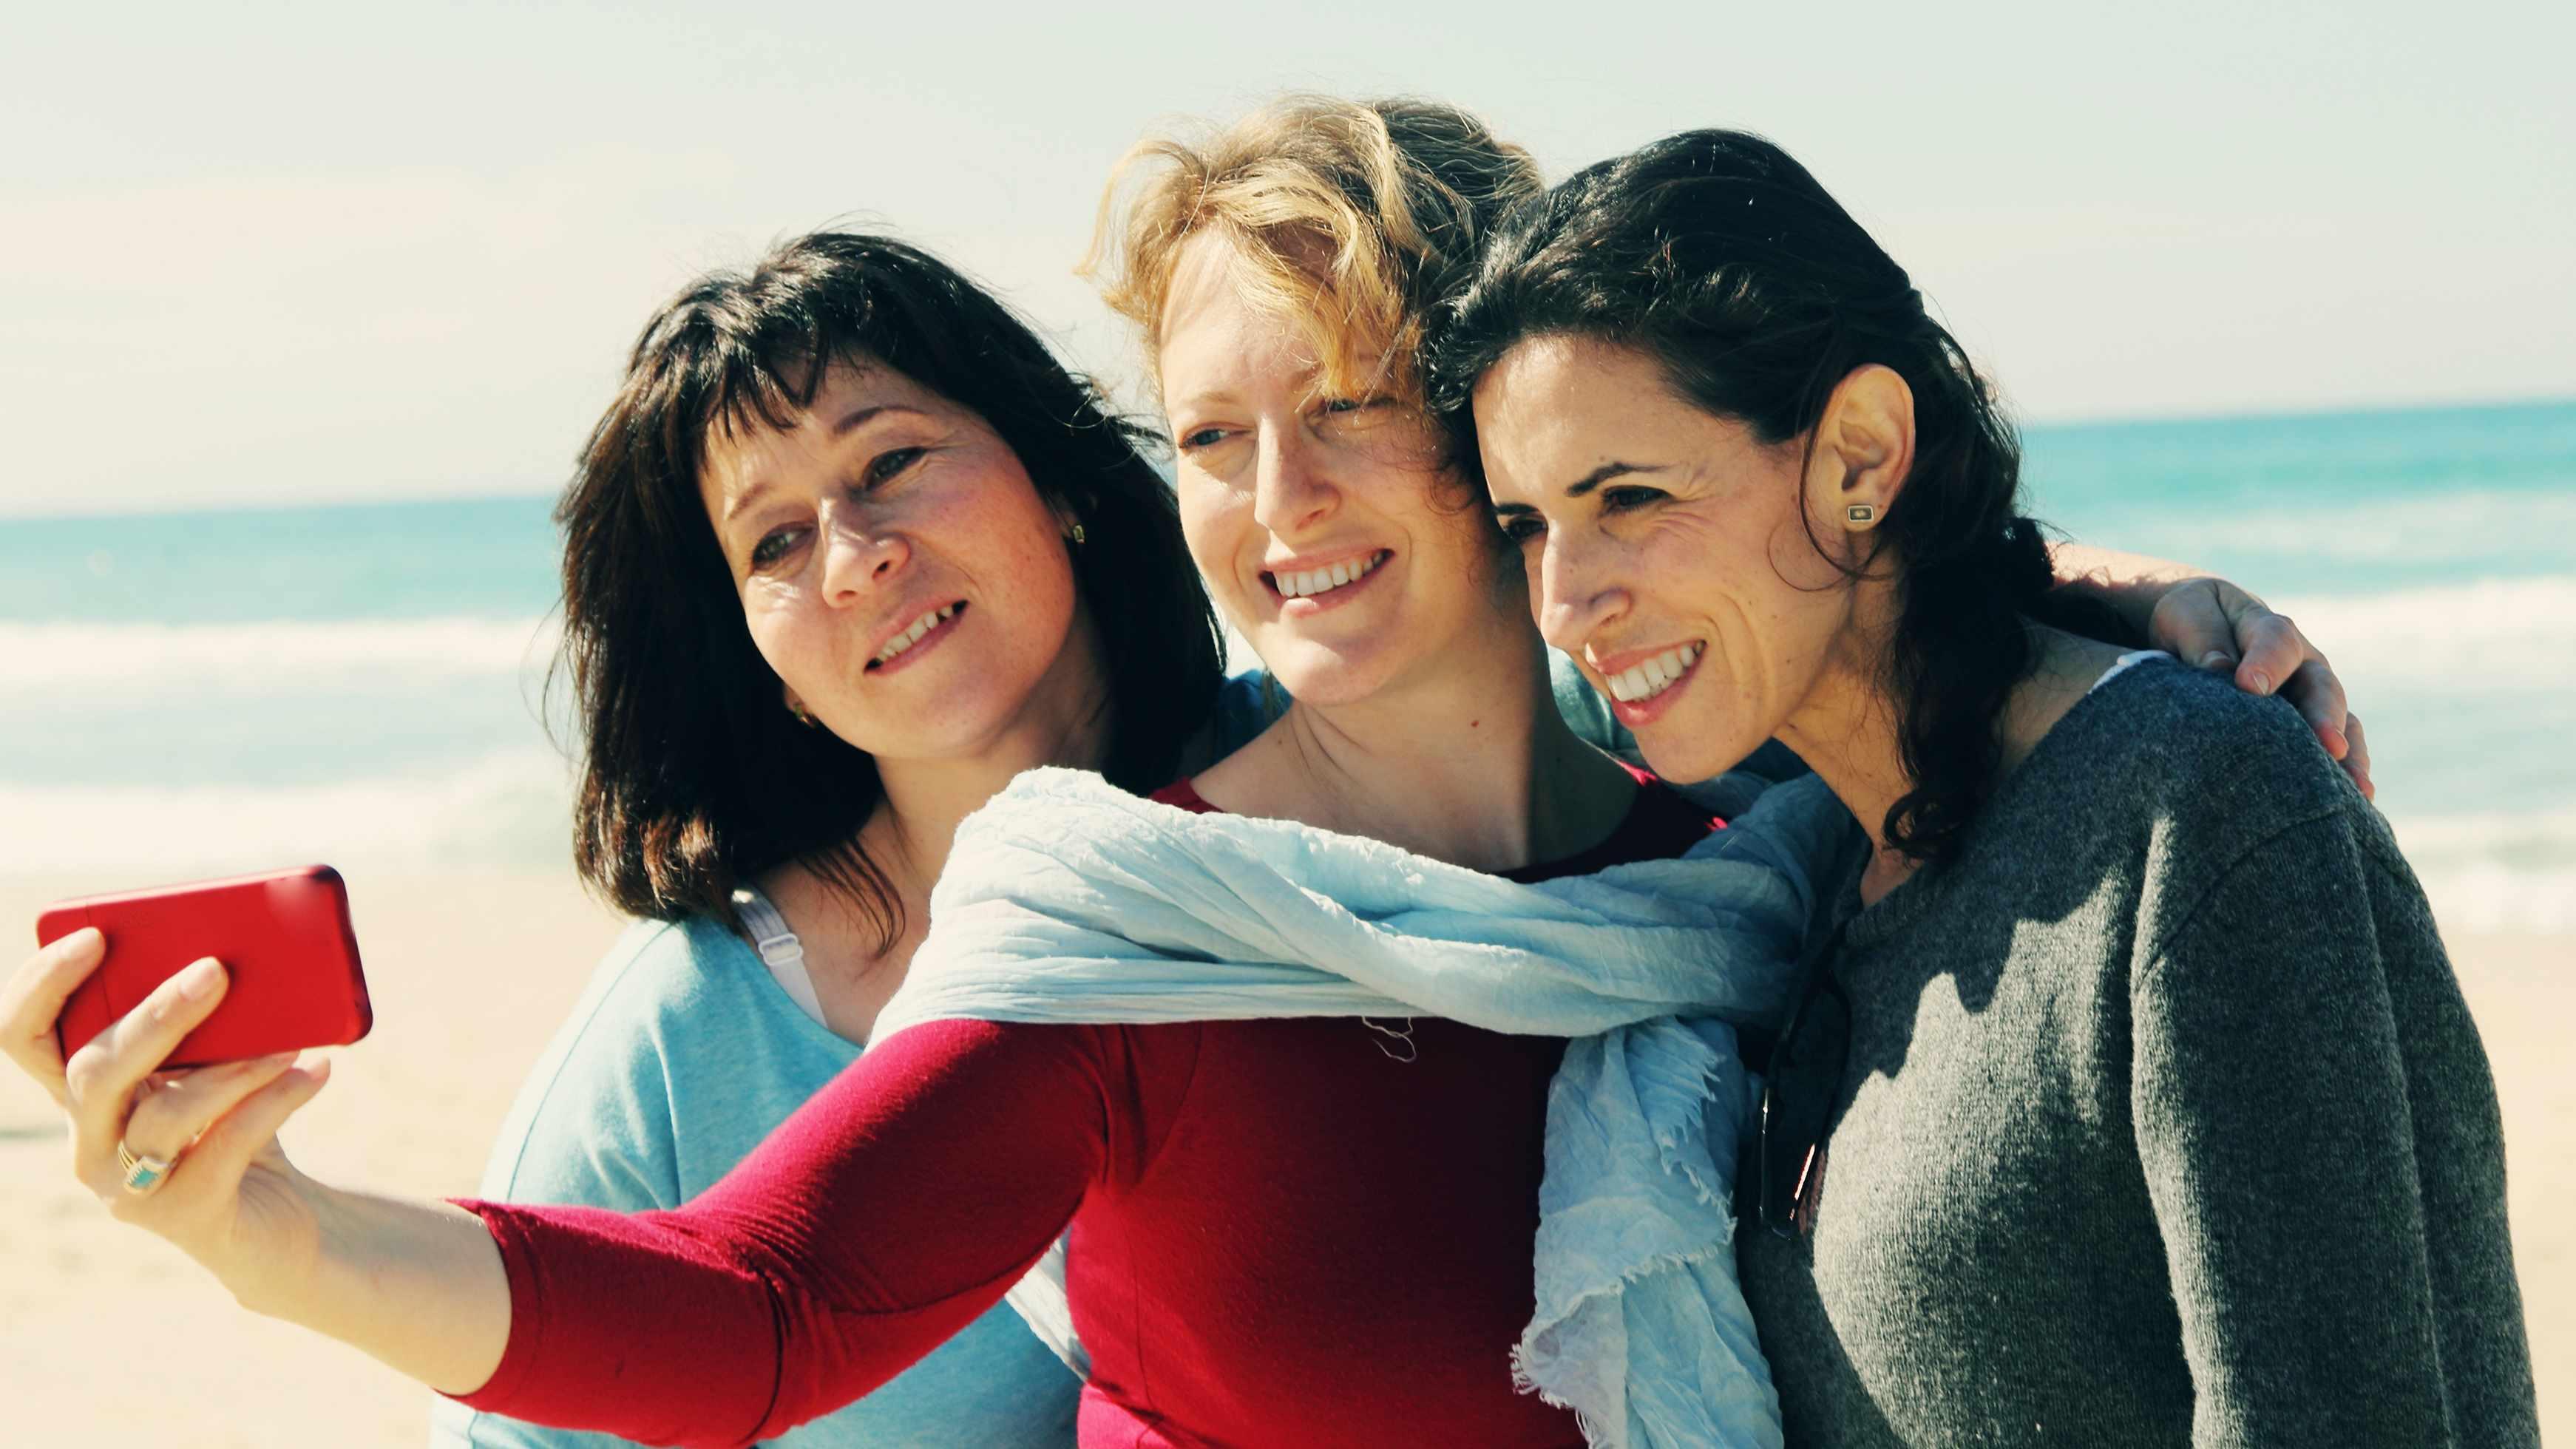 three middle-aged women friends walking on a beach taking a selfie